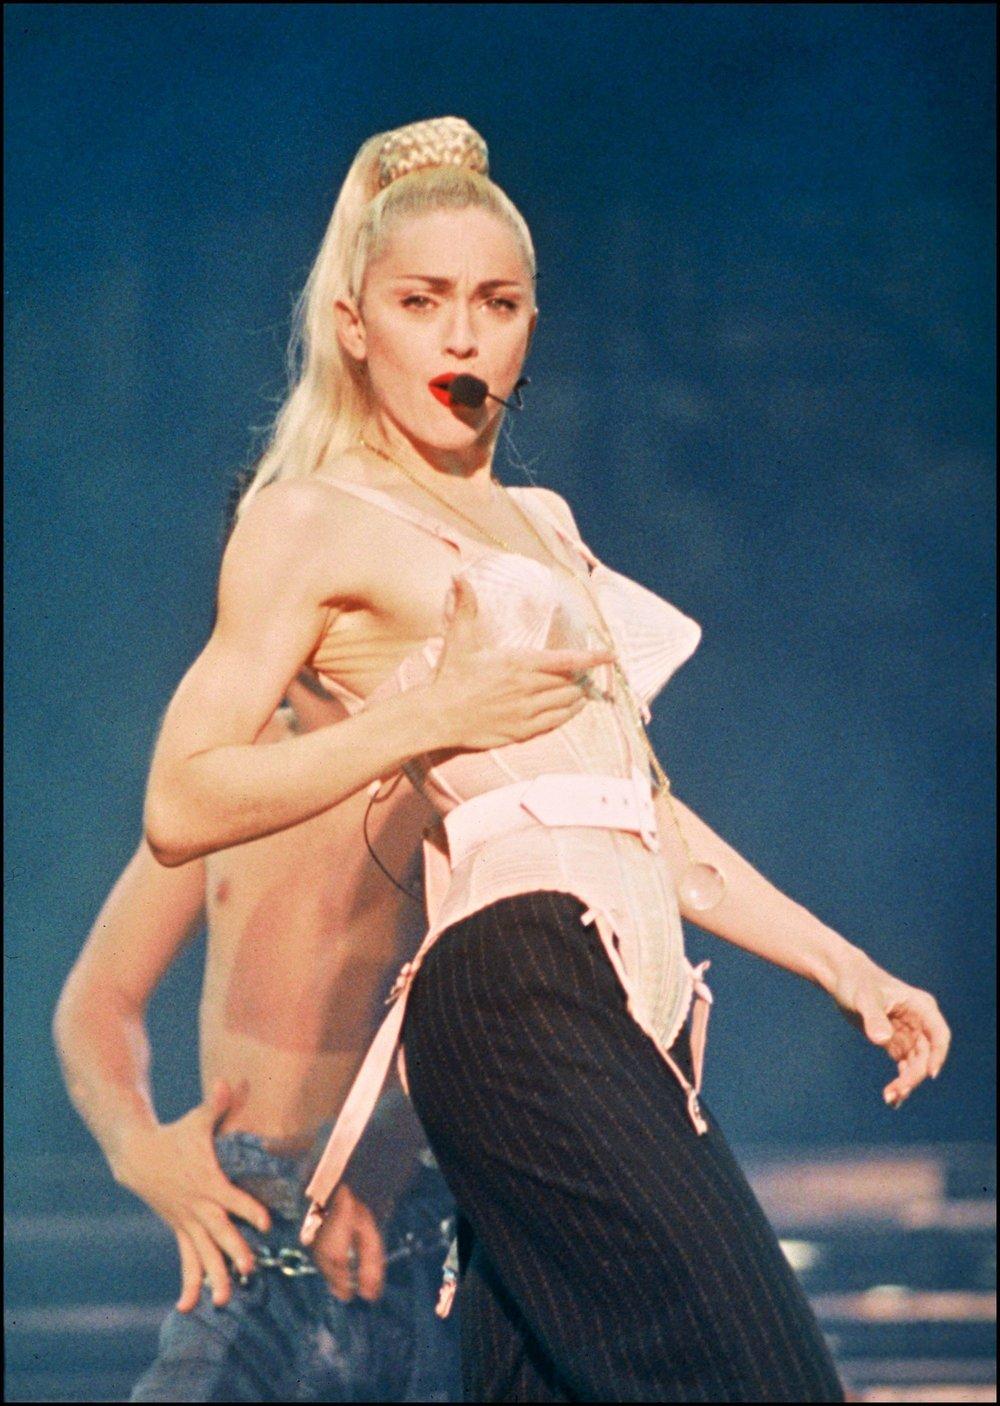 Madonna portant un corset Jean-Paul Gaultier sur mesure sur scène à Tokyo, le 18 avril 1990. Dans cette tournée elle simule la masturbation sur scène.